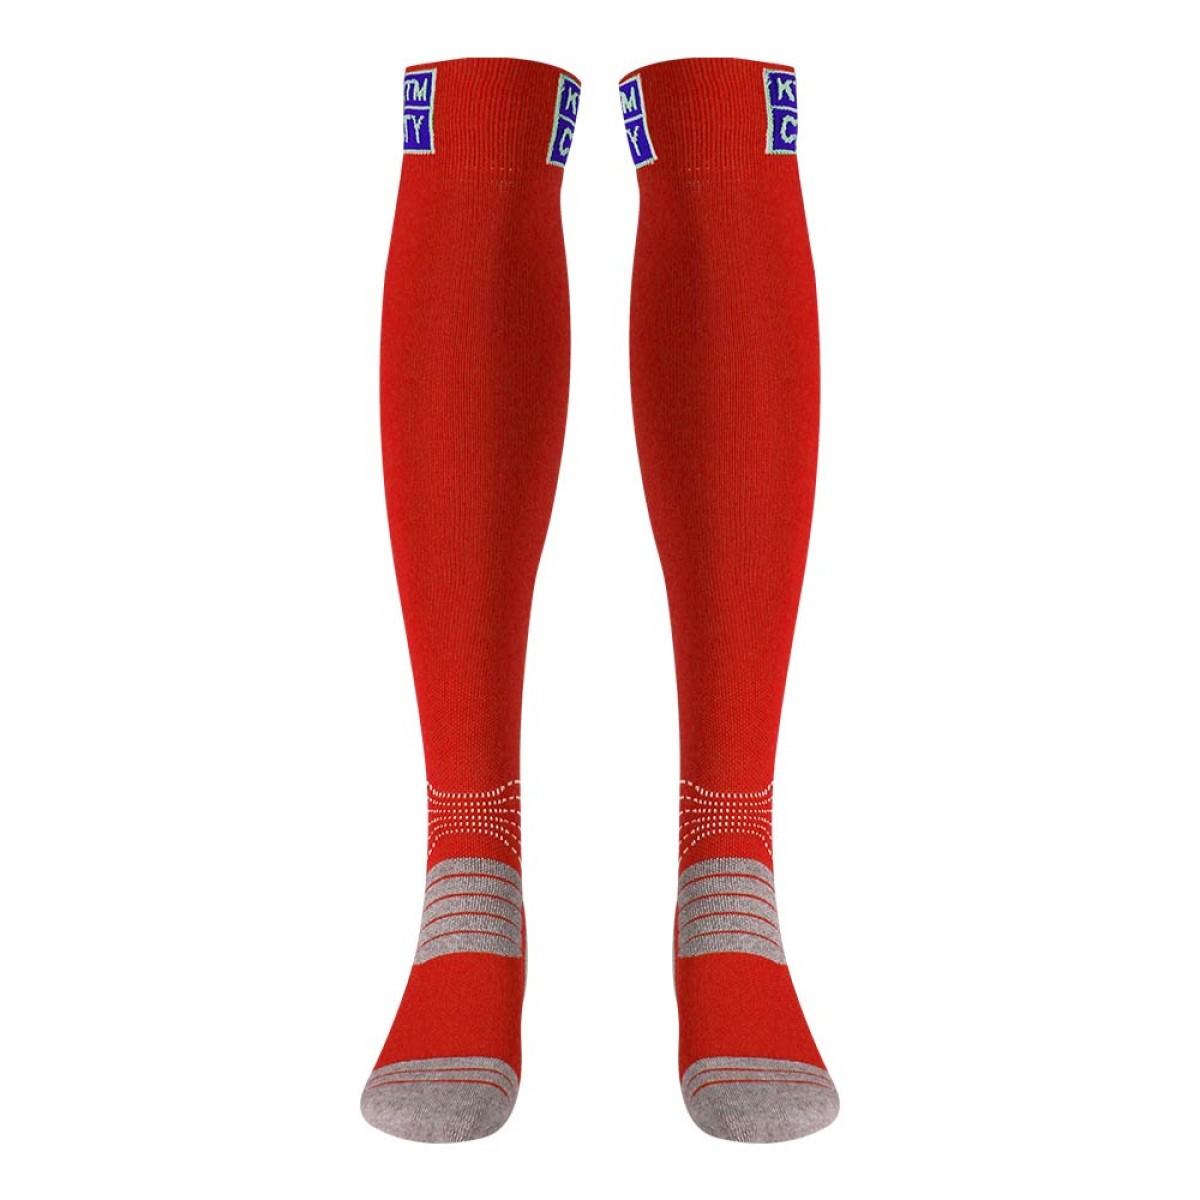 socks-s7-3a